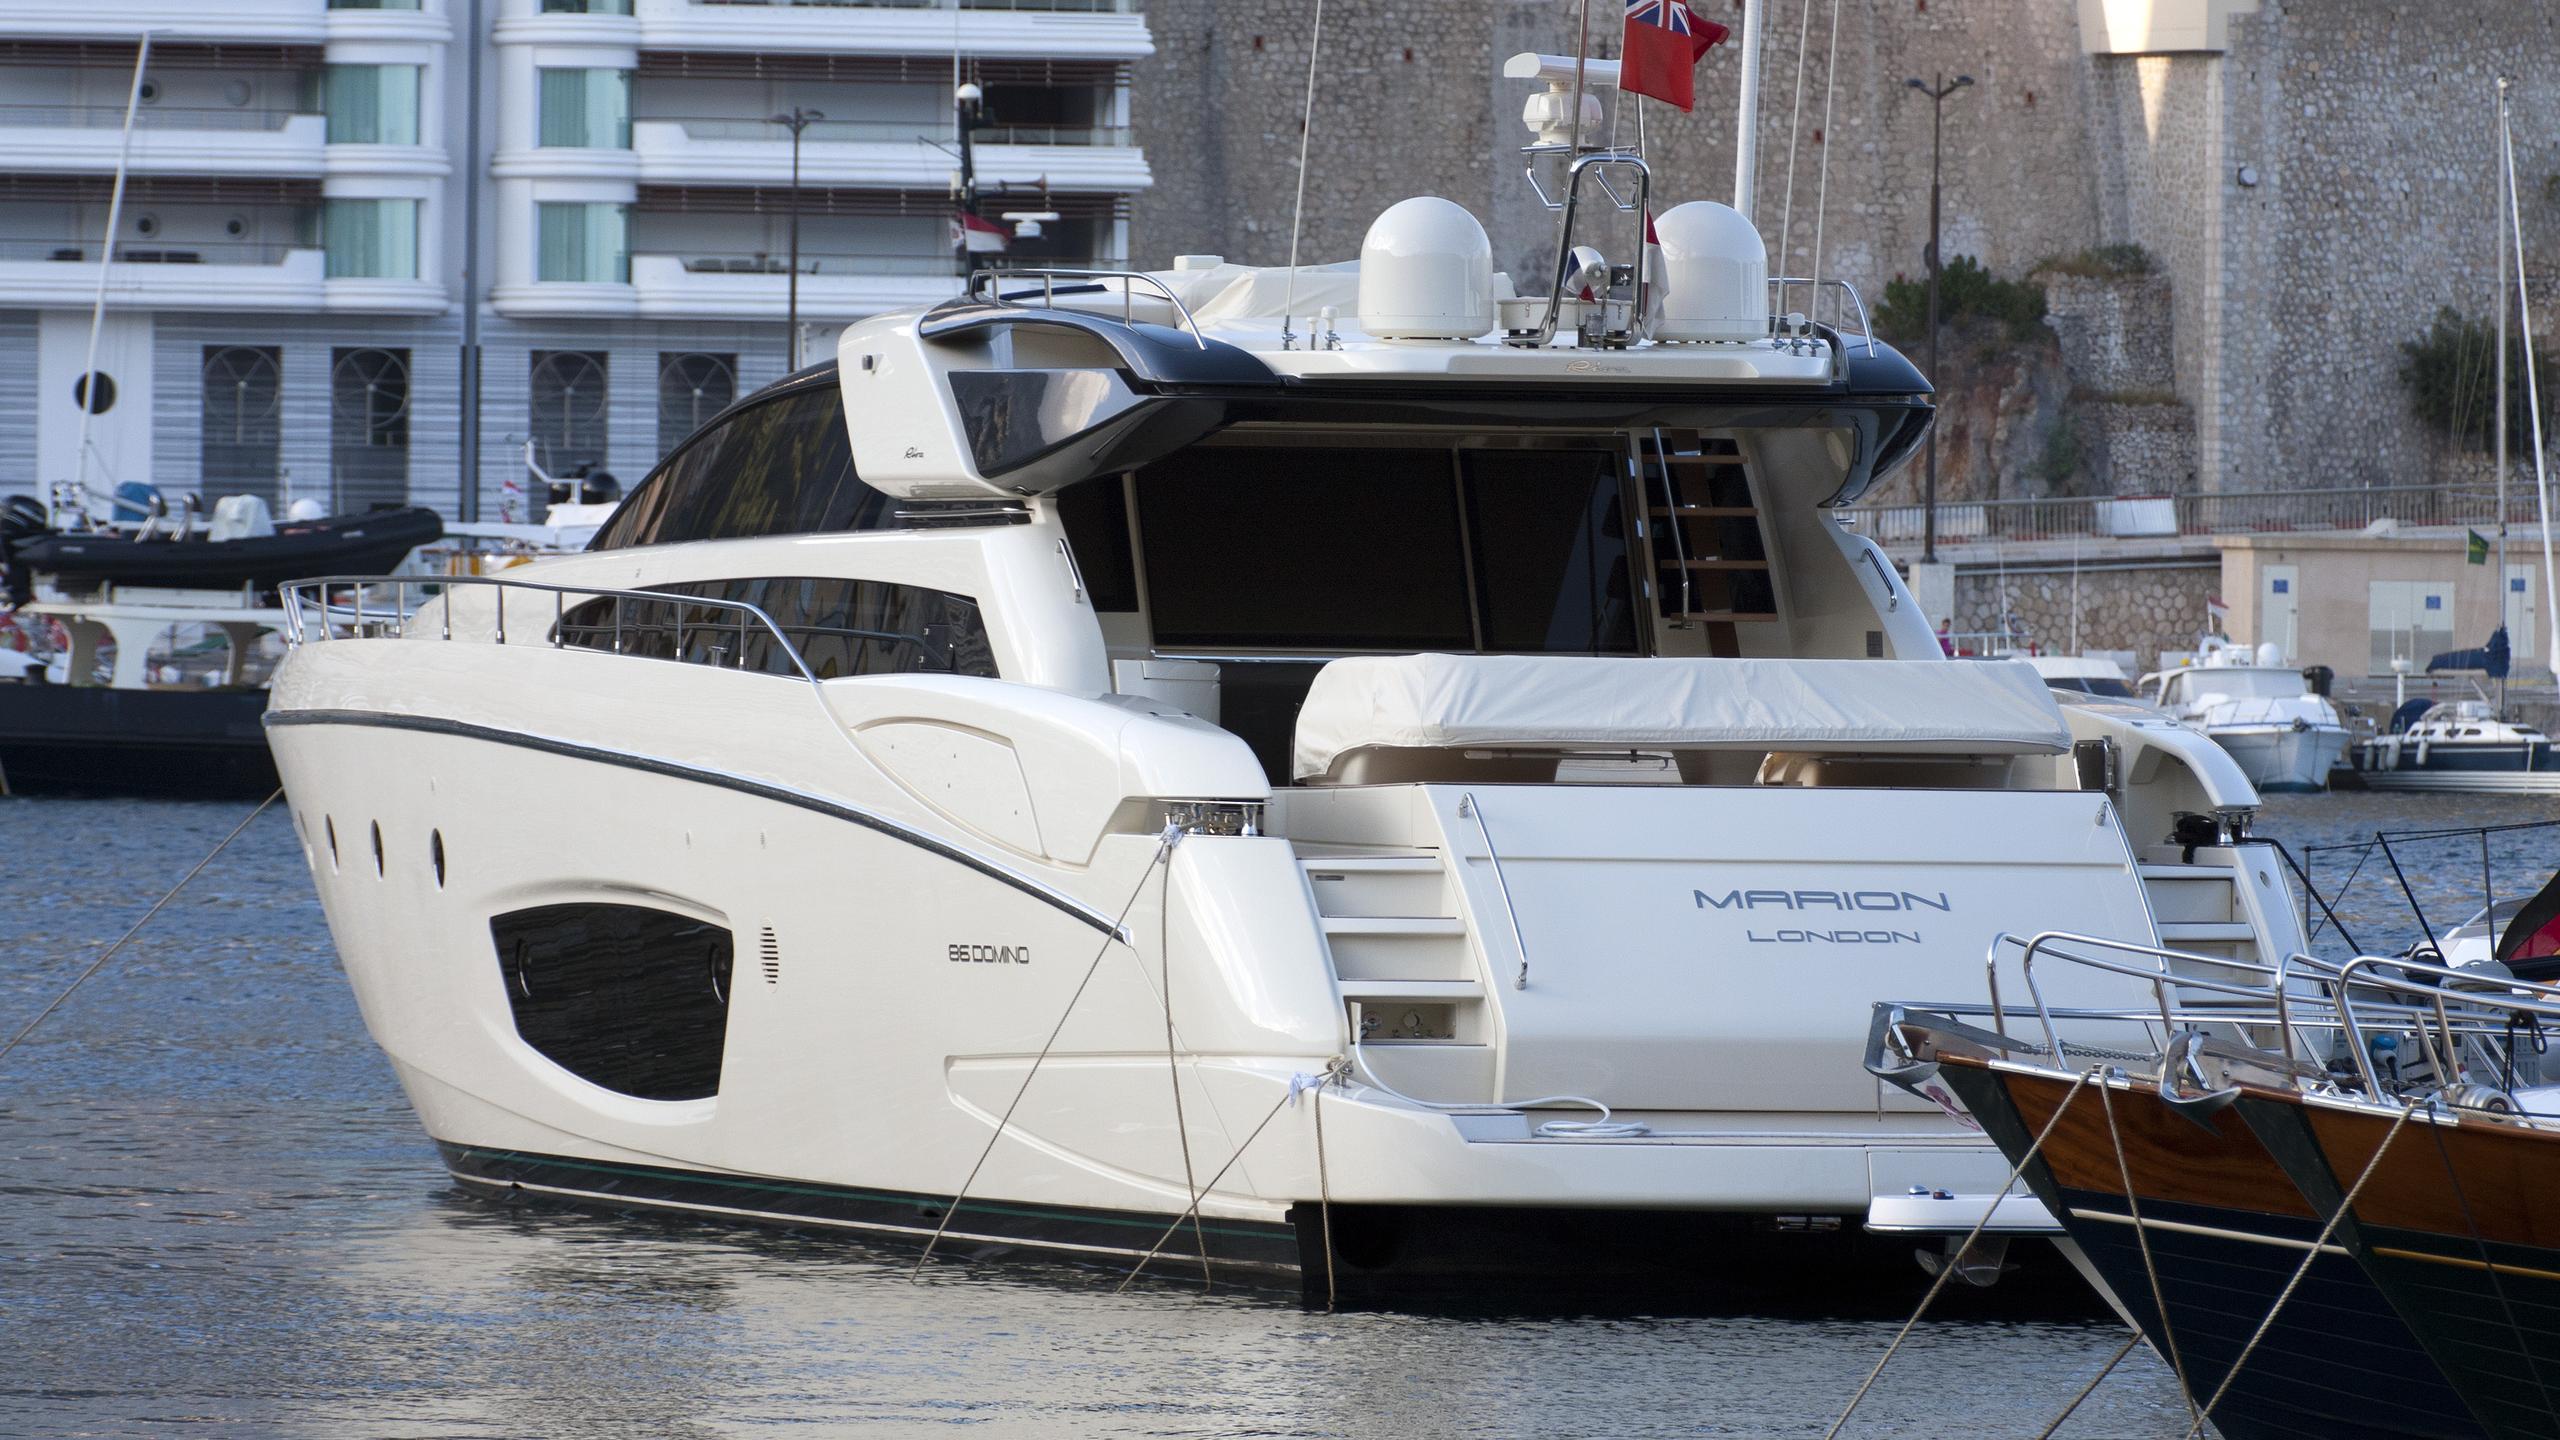 marion-motoryacht-riva-domino-86-2010-26m-stern